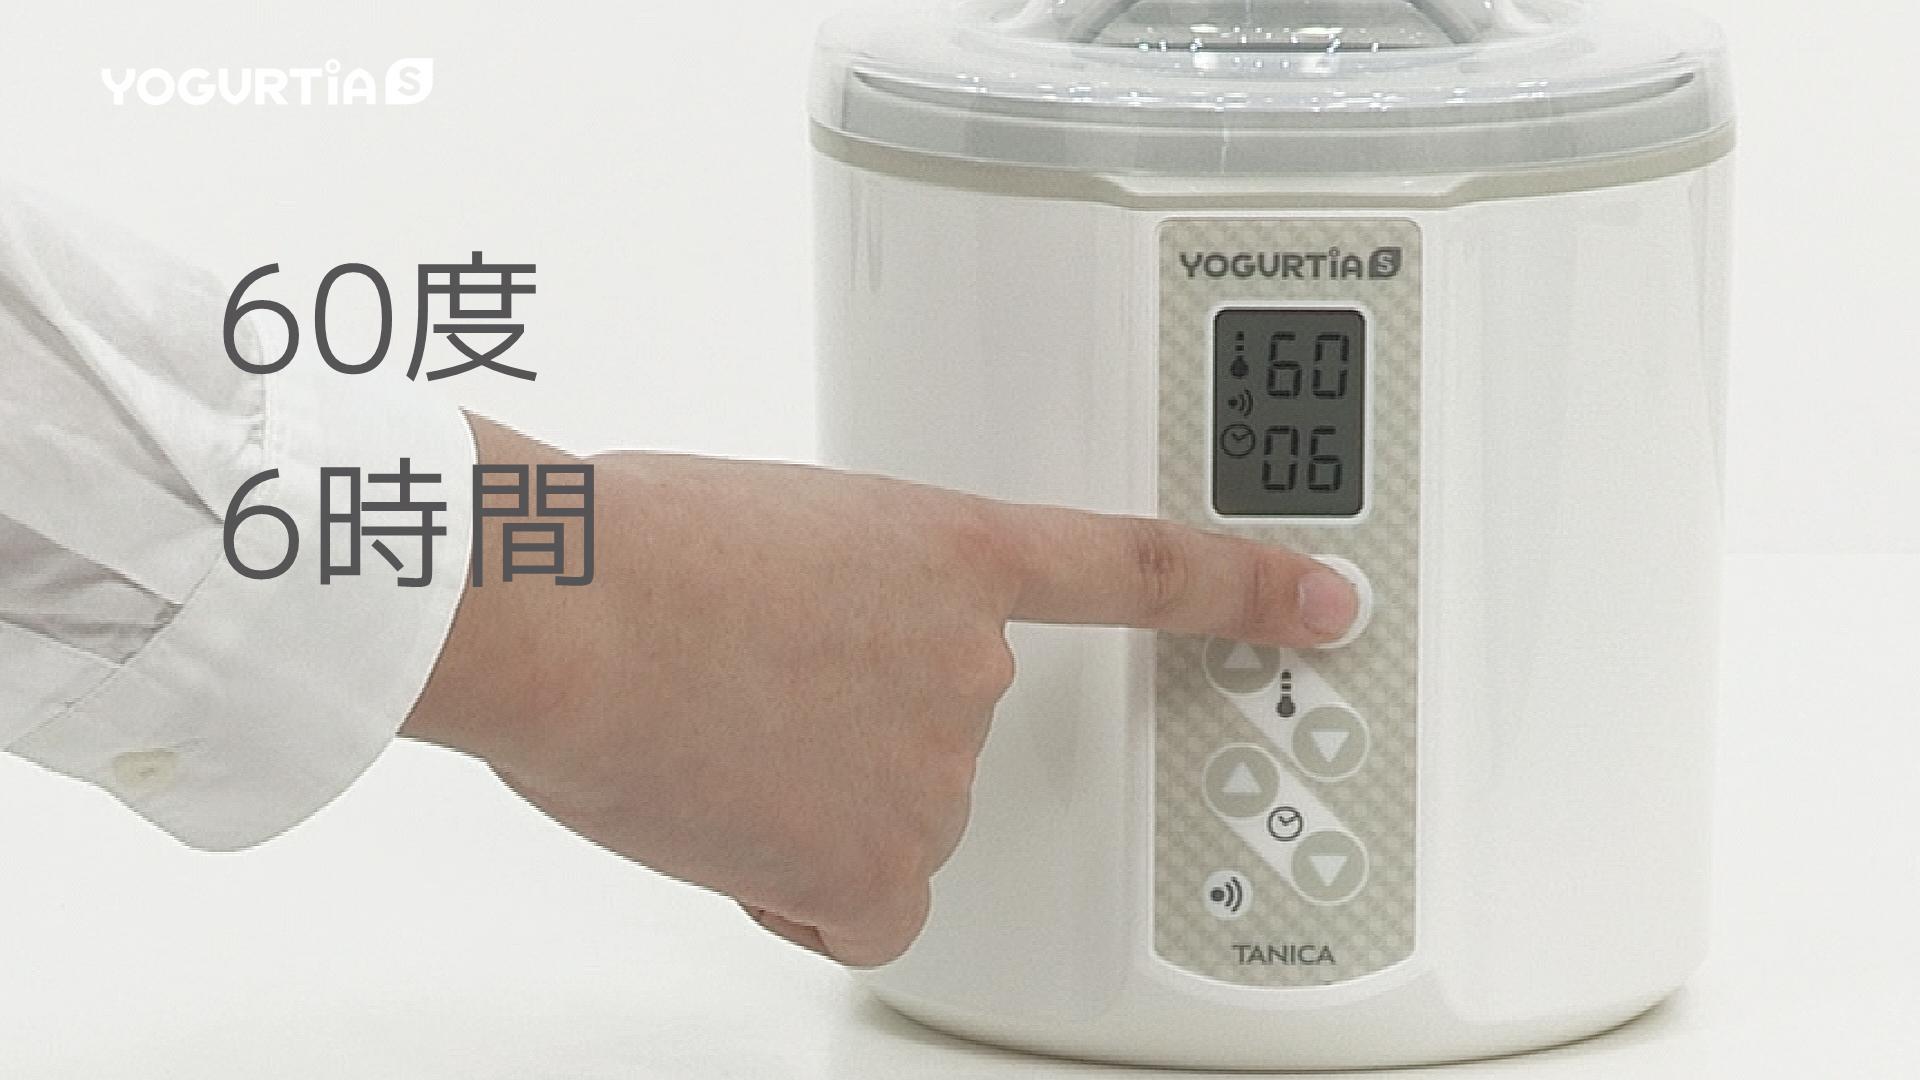 温度を60℃、タイマーを6時間にセットして、スタートボタンを押します。